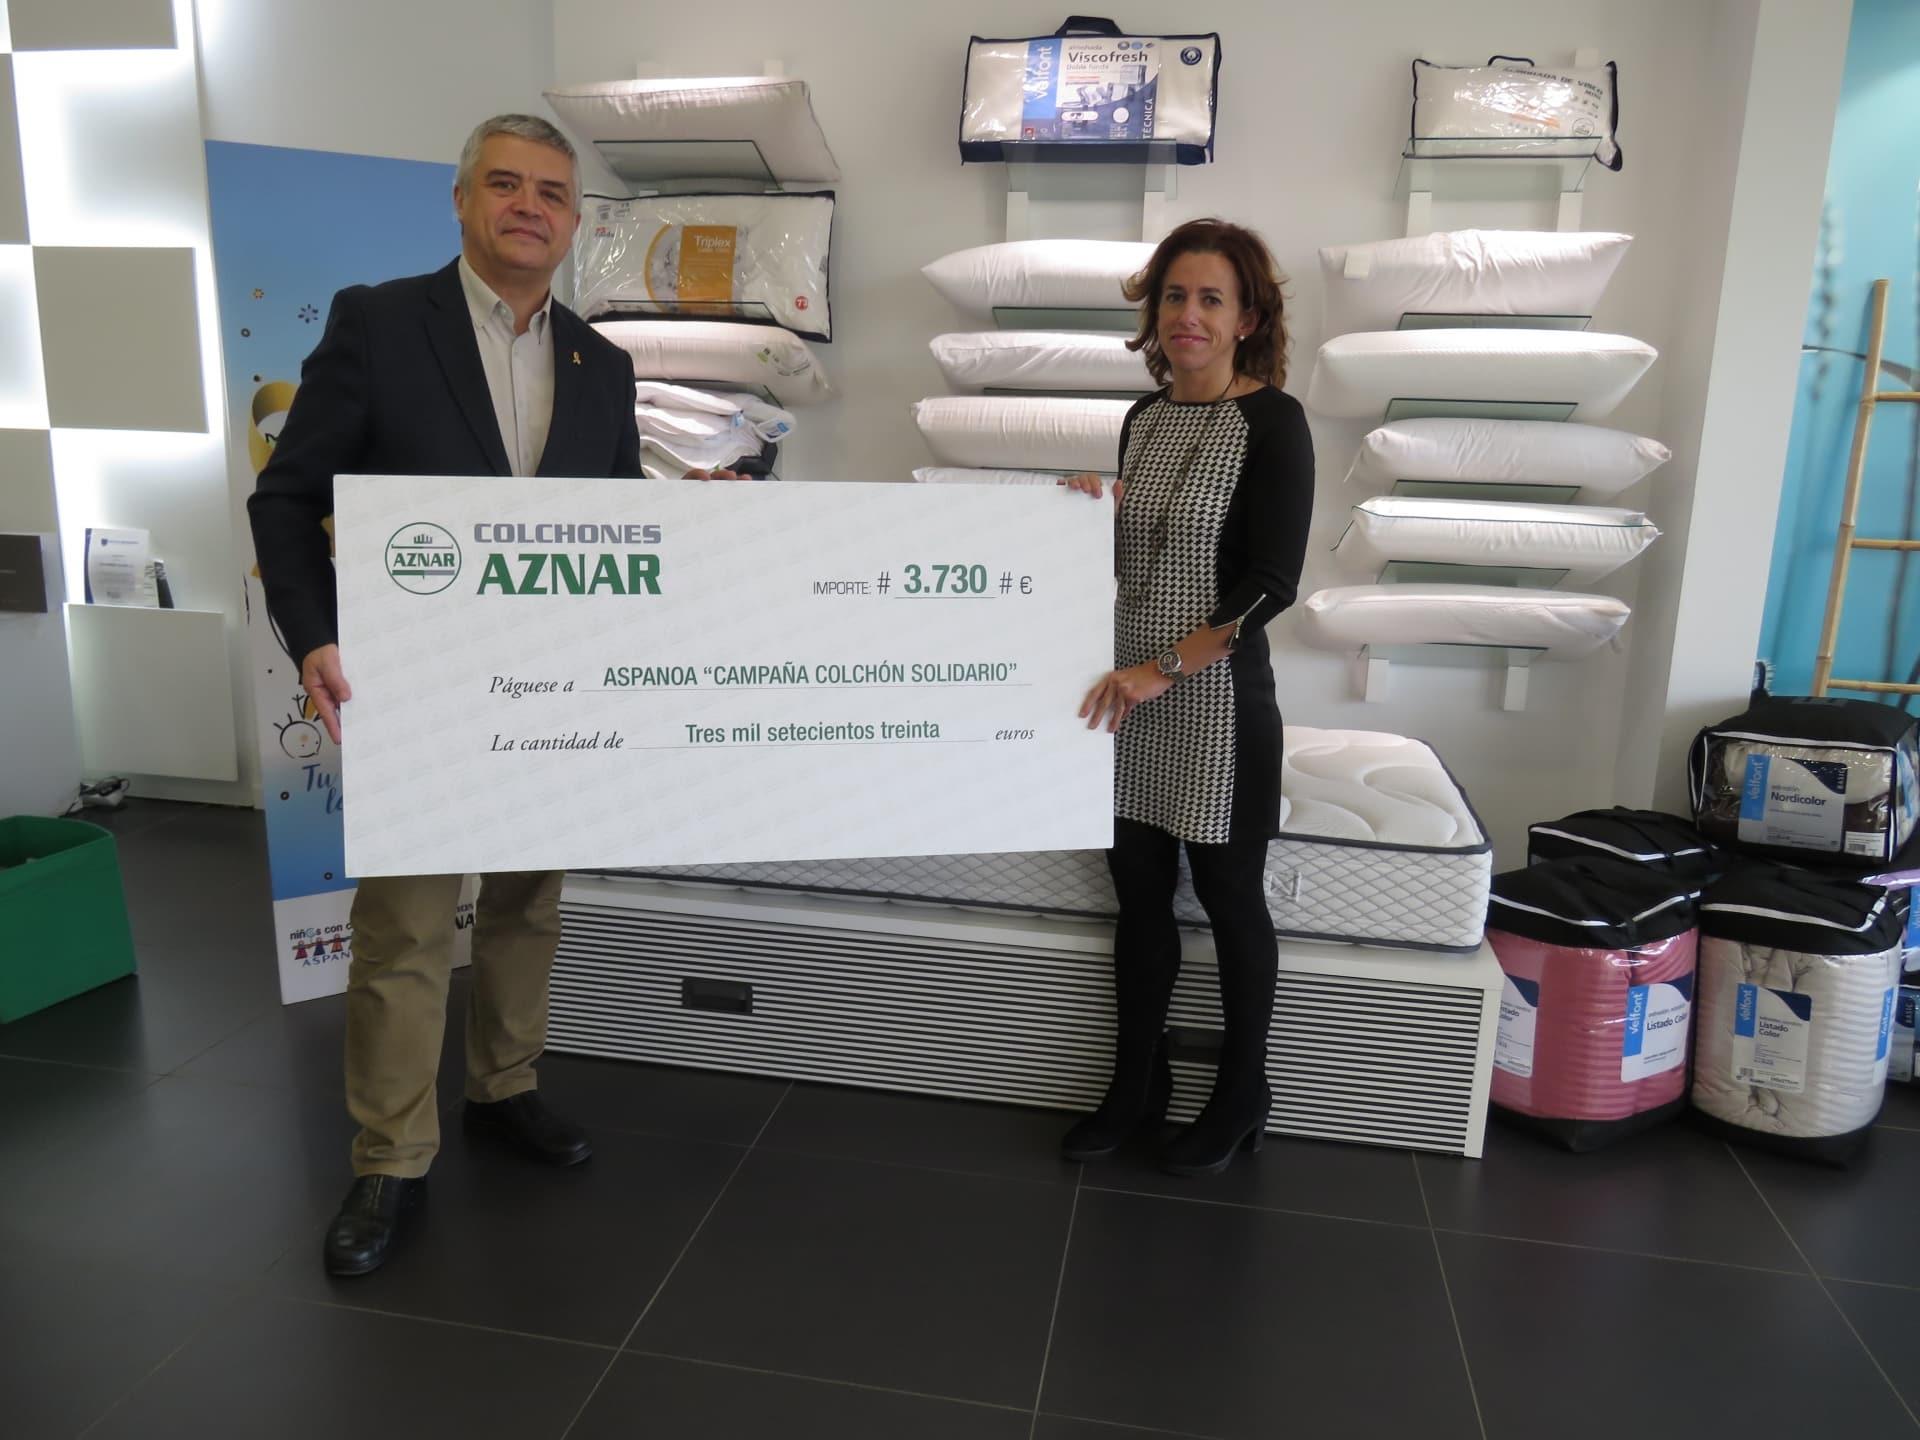 Colchones Aznar y Aspanoa colaboran por una buena causa.